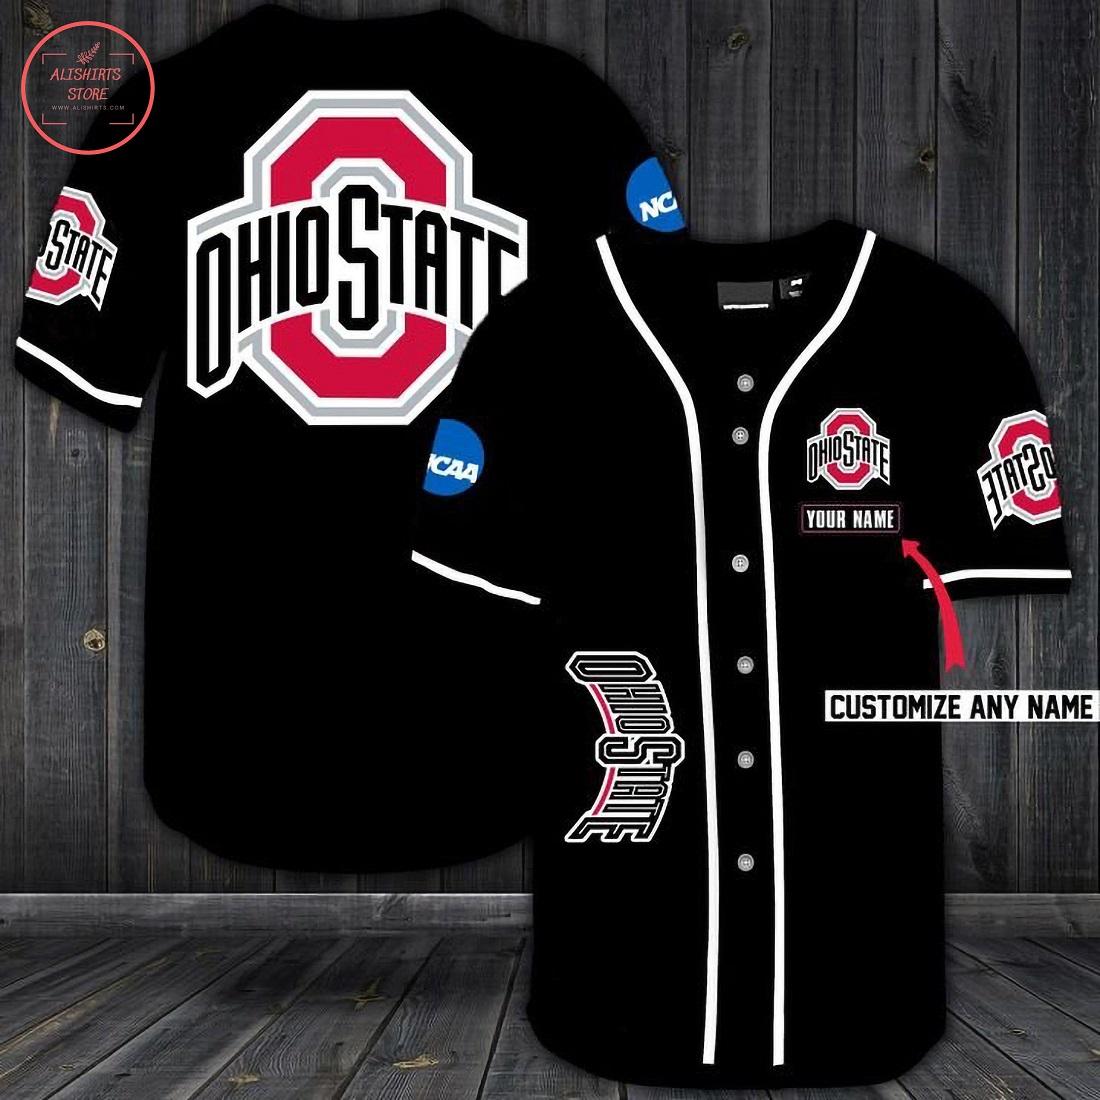 Ohio State Buckeyes Personalized Baseball Jersey